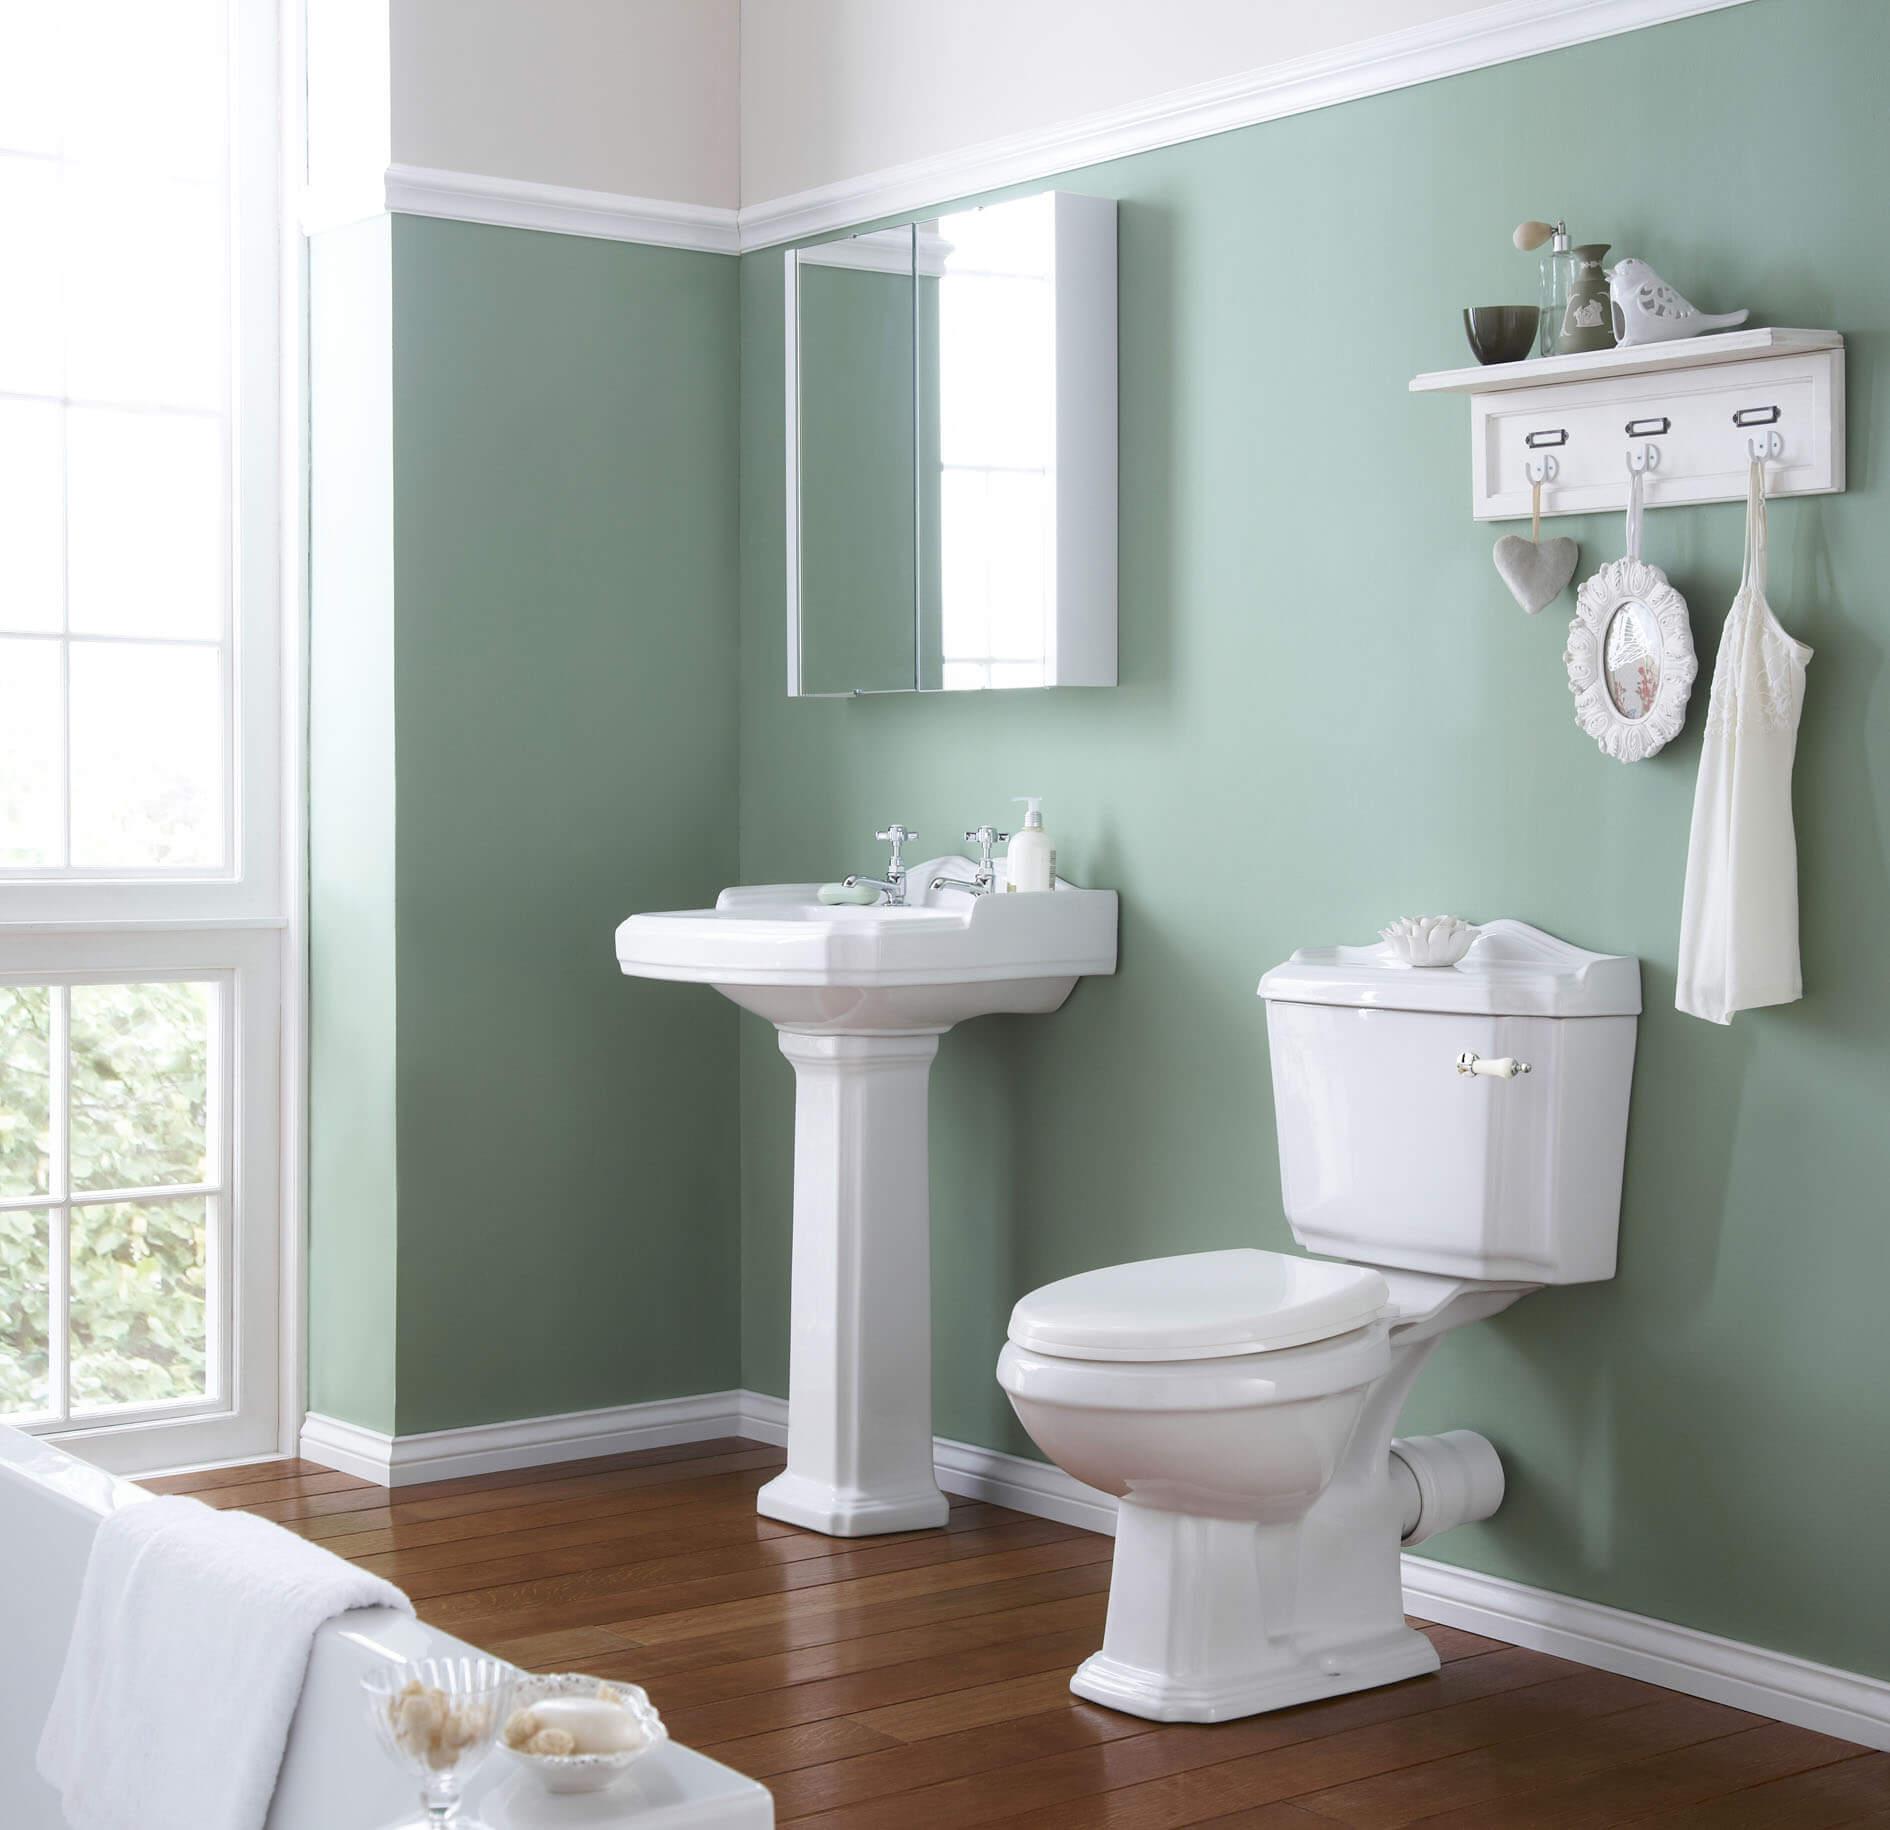 Nhà tắm bố cục sang trọng và gam màu vintage, trong thiết kế nhà cấp 4 này.